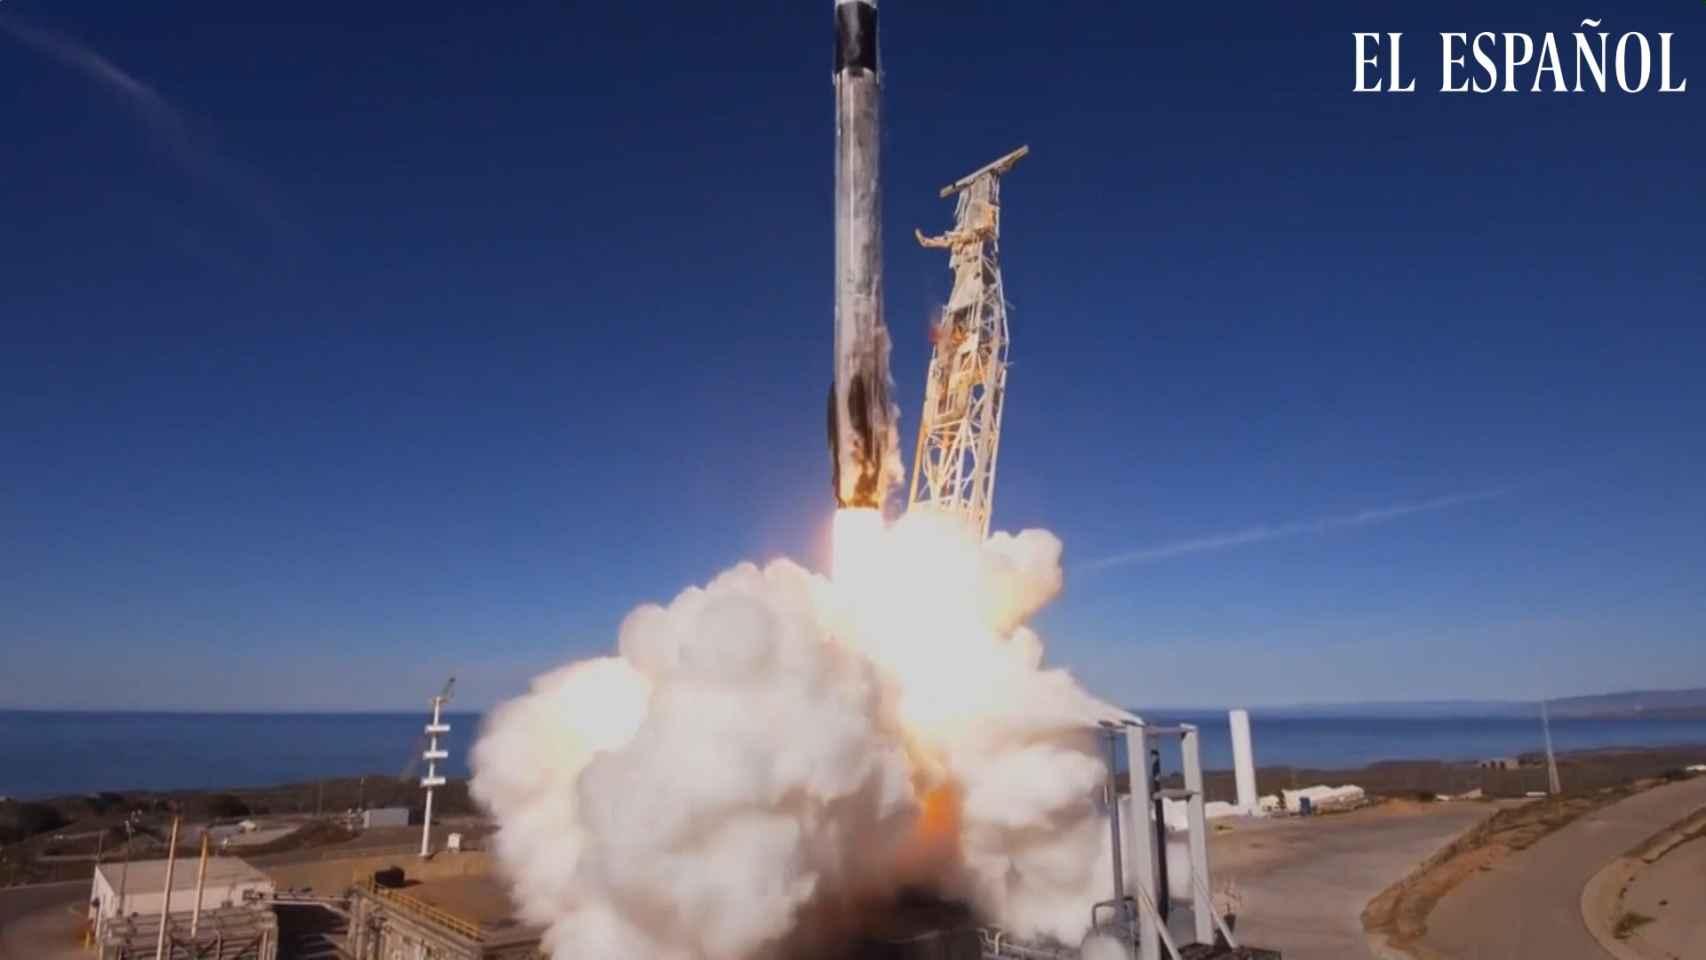 SpaceX difunde imágenes del despegue de Falcon 9